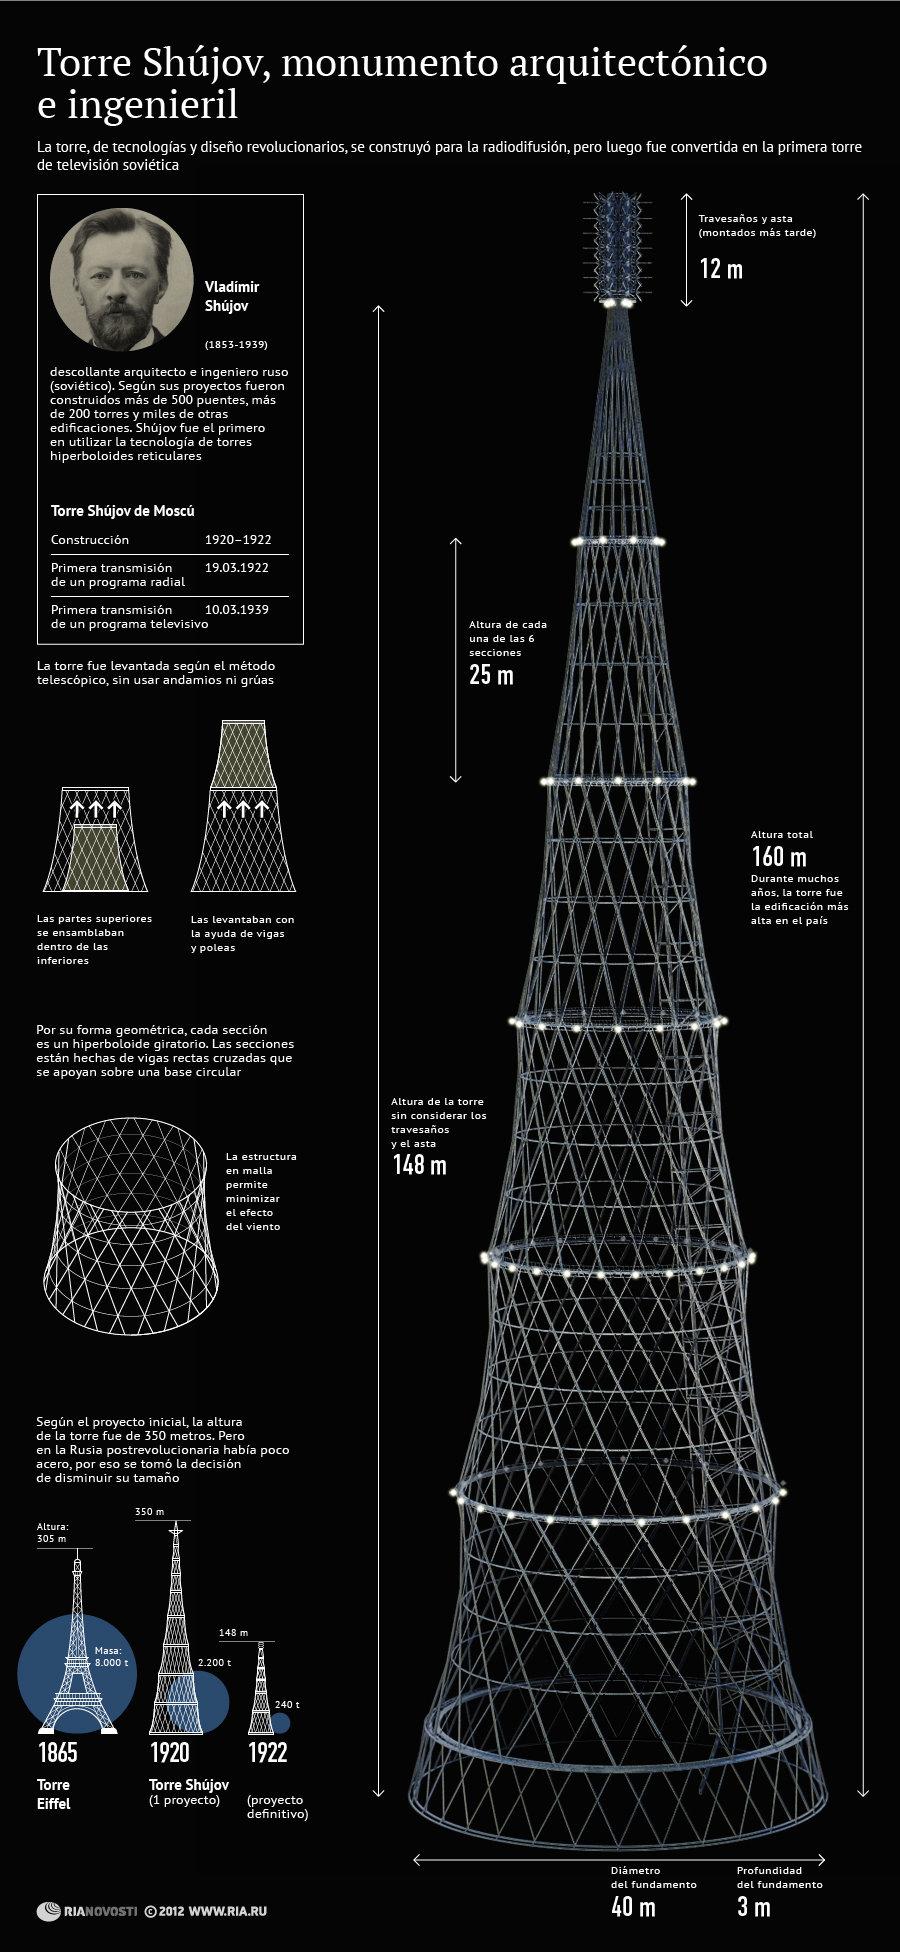 Torre Shújov, portento de la ingeniería de comienzos del siglo XX